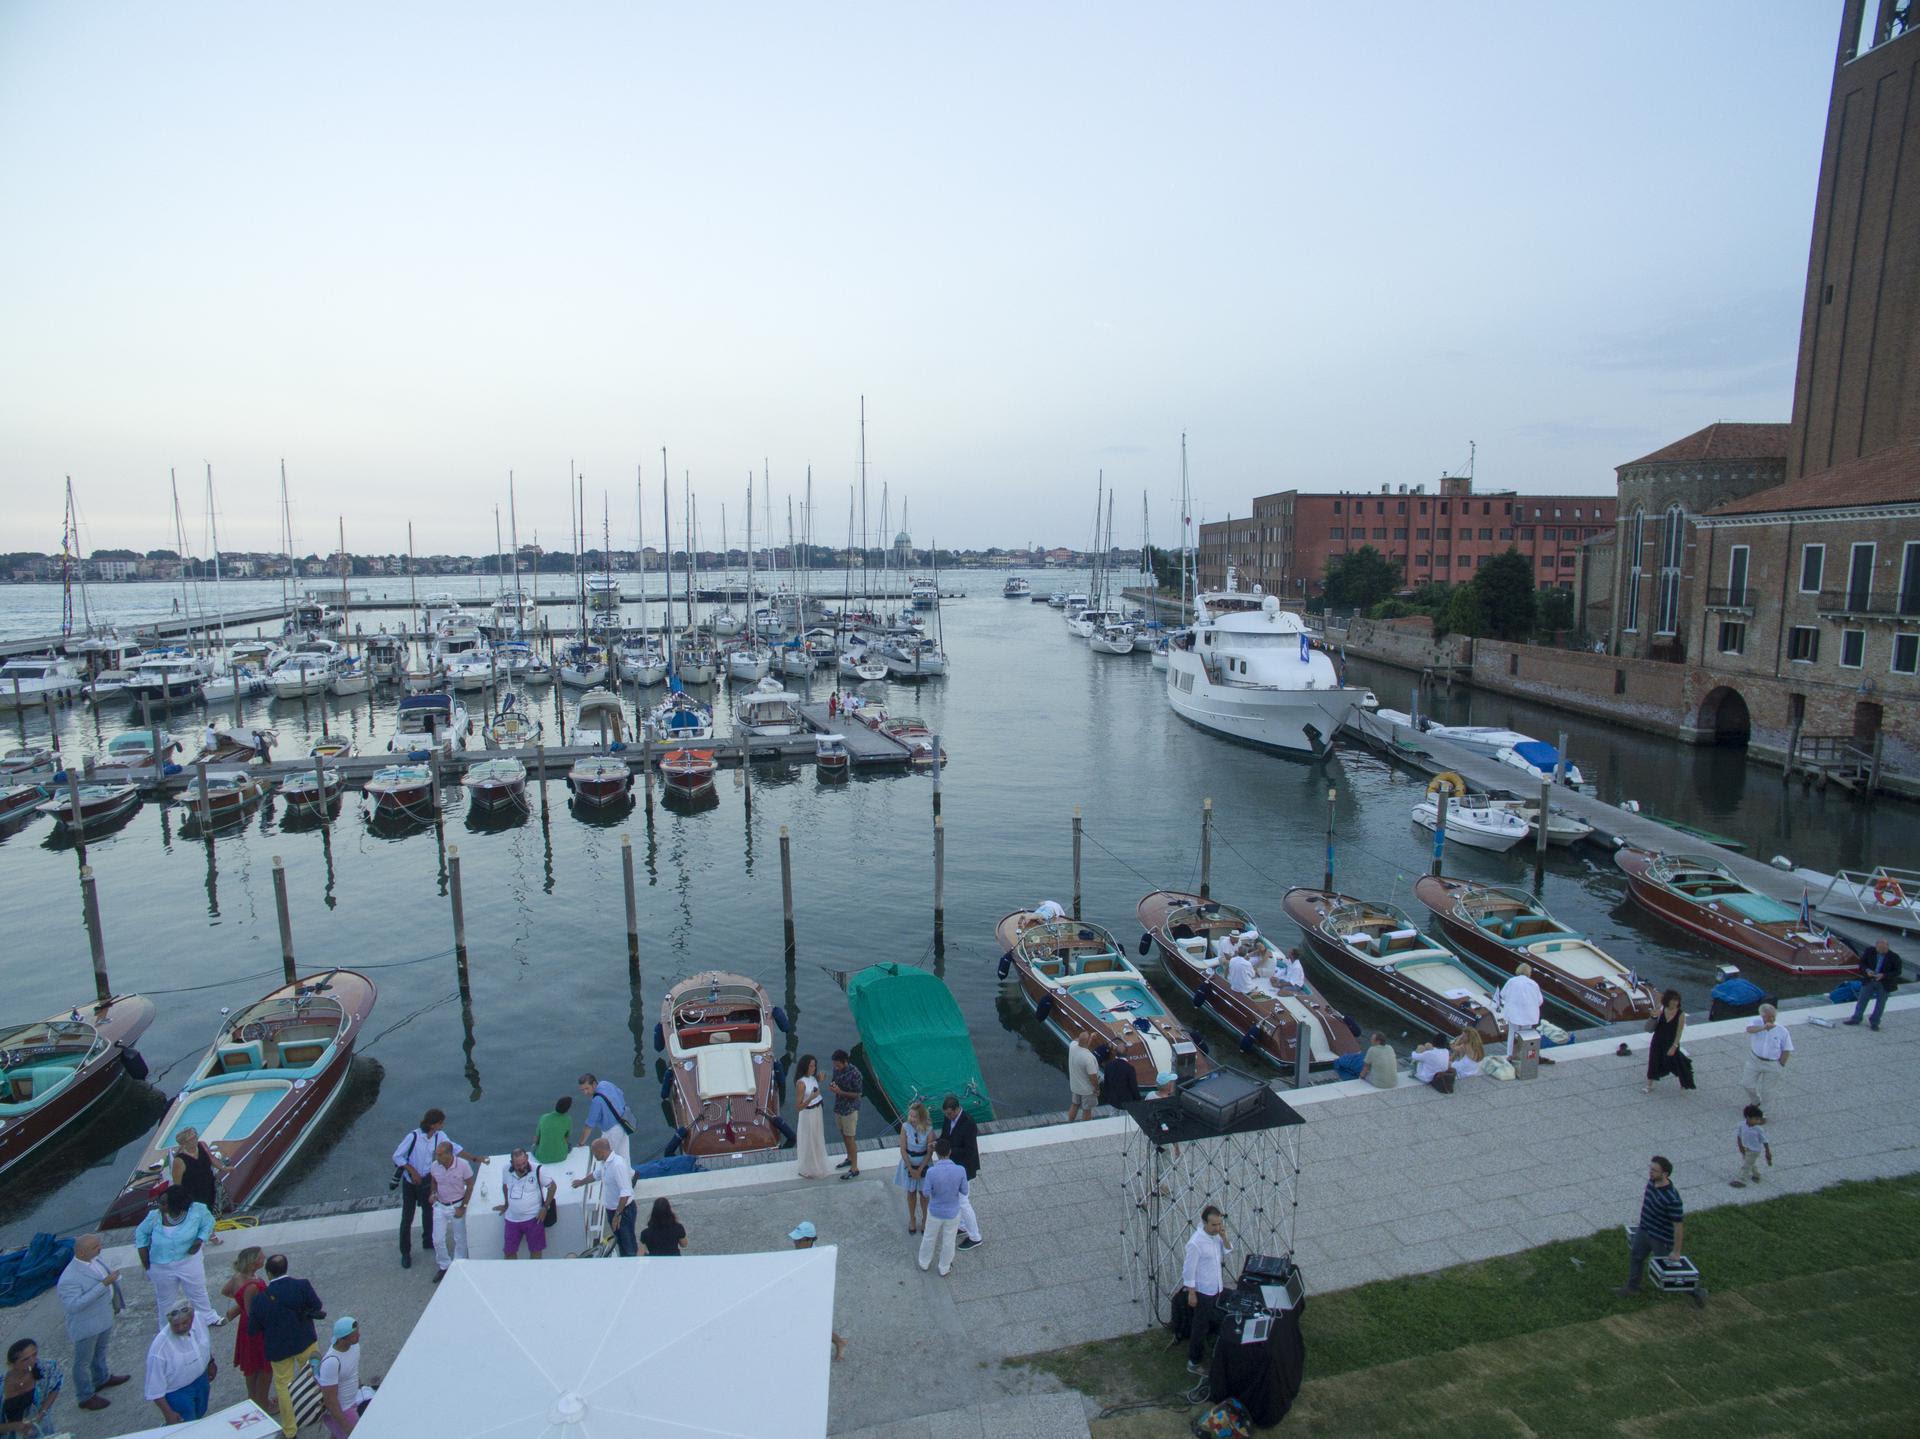 Cinema Santelena - una veduta panoramica del porto con tante barche parcheggiate ai moli, sulla destra si scorge una parte della città con mura antiche e tanta gente che cammina